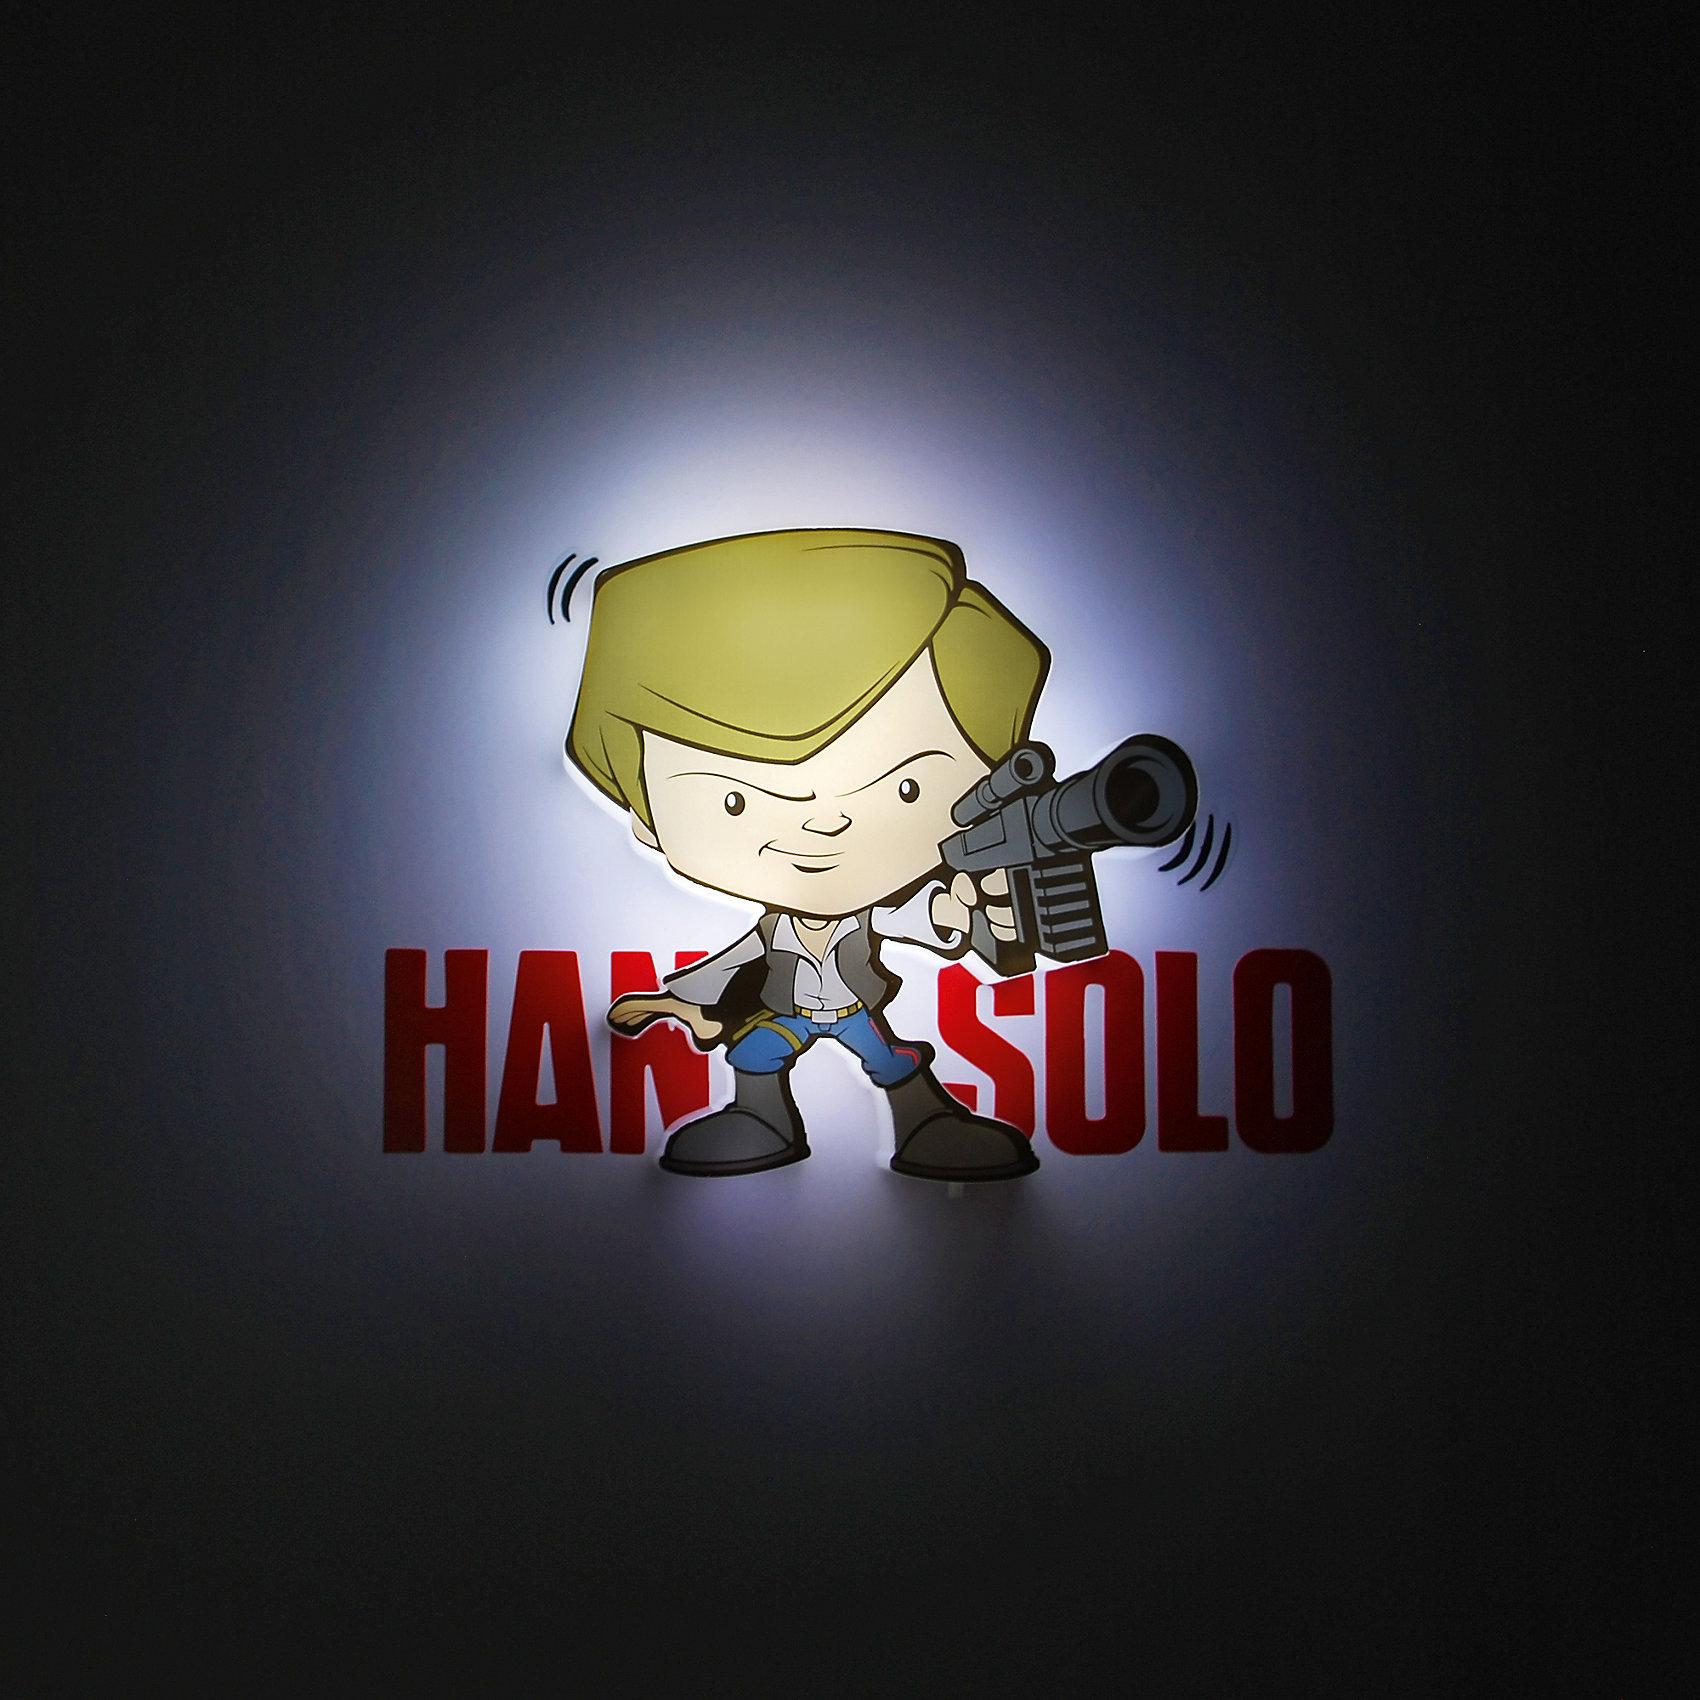 Пробивной мини 3D светильник Хан Соло, Звёздные ВойныПробивной мини 3D светильник Хан Соло, Звёздные Войны – светильник станет оригинальным декором для комнаты и подарит приятный мягкий свет.<br>Оригинальный пробивной 3D светильник, выполненный в виде Хана Соло – героя саги Звездные войны, создаст сказочную атмосферу в детской комнате. Мягкое приглушенное свечение наполнит детскую комнату теплом и уютом и избавит ребенка от ночных страхов. В основе работы светильника заложена светодиодная LED-технология, благодаря которой - он лёгкий, затрачивает небольшое количество энергии, не нагревается. Включение и выключения светильника выполняется путем передвижения рычажка. Приятным дополнением к светильнику служат тематические наклейки для декора.<br><br>Дополнительная информация:<br><br>- В комплекте: светильник; наклейки; крепеж<br>- Товар предназначен для детей старше 3 лет<br>- Безопасный: без проводов, работает от батареек (2хААА, не входят в комплект)<br>- Используются светодиоды: LED технология<br>- Не нагревается: всегда можно дотронуться до изделия<br>- Фантастический: выглядит превосходно в любое время суток<br>- Удобный: простая установка (автоматическое выключение через полчаса непрерывной работы)<br>- Материал: пластик, металл<br>- Размер светильника: 12,7x2,5x14 см.<br>- Размер упаковки: 16,9х4,1х16 см.<br>- Вес: 170 г.<br>- ВНИМАНИЕ! Содержит мелкие детали, использовать под непосредственным наблюдением взрослых<br>- Страна происхождения: Китай<br>- Дизайн и разработка: Канада<br><br>Пробивной мини 3D светильник Хан Соло, Звёздные Войны можно купить в нашем интернет-магазине.<br><br>Ширина мм: 169<br>Глубина мм: 41<br>Высота мм: 160<br>Вес г: 187<br>Возраст от месяцев: 36<br>Возраст до месяцев: 2147483647<br>Пол: Унисекс<br>Возраст: Детский<br>SKU: 4566035